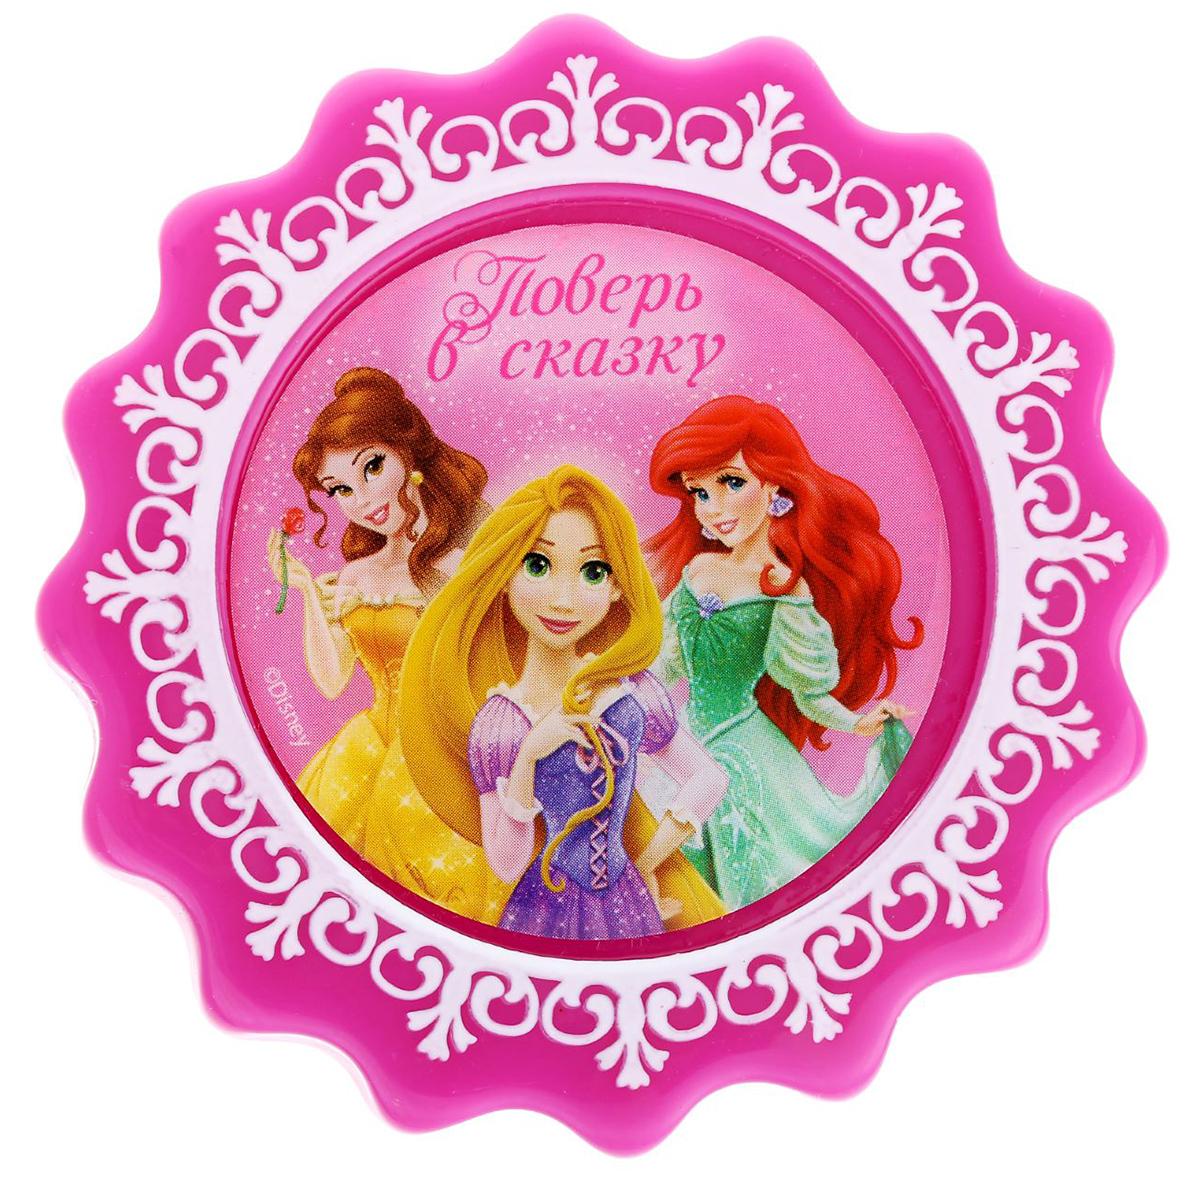 Магнит-рамка Disney Поверь в сказку, 6,3 х 6,3 см. 12568641256864Дарите радость с Disney Удивите малышей уникальным сувениром с любимым персонажем! Он порадует ребёнка стильным дизайном и ярким исполнением. Красочный акриловый магнит будет долгие годы украшать холодильник или другую металлическую поверхность. Изделие дополнено оригинальной открыткой, где можно написать тёплые слова и сделать маленький подарок более личным. Соберите коллекцию аксессуаров с любимыми героями!